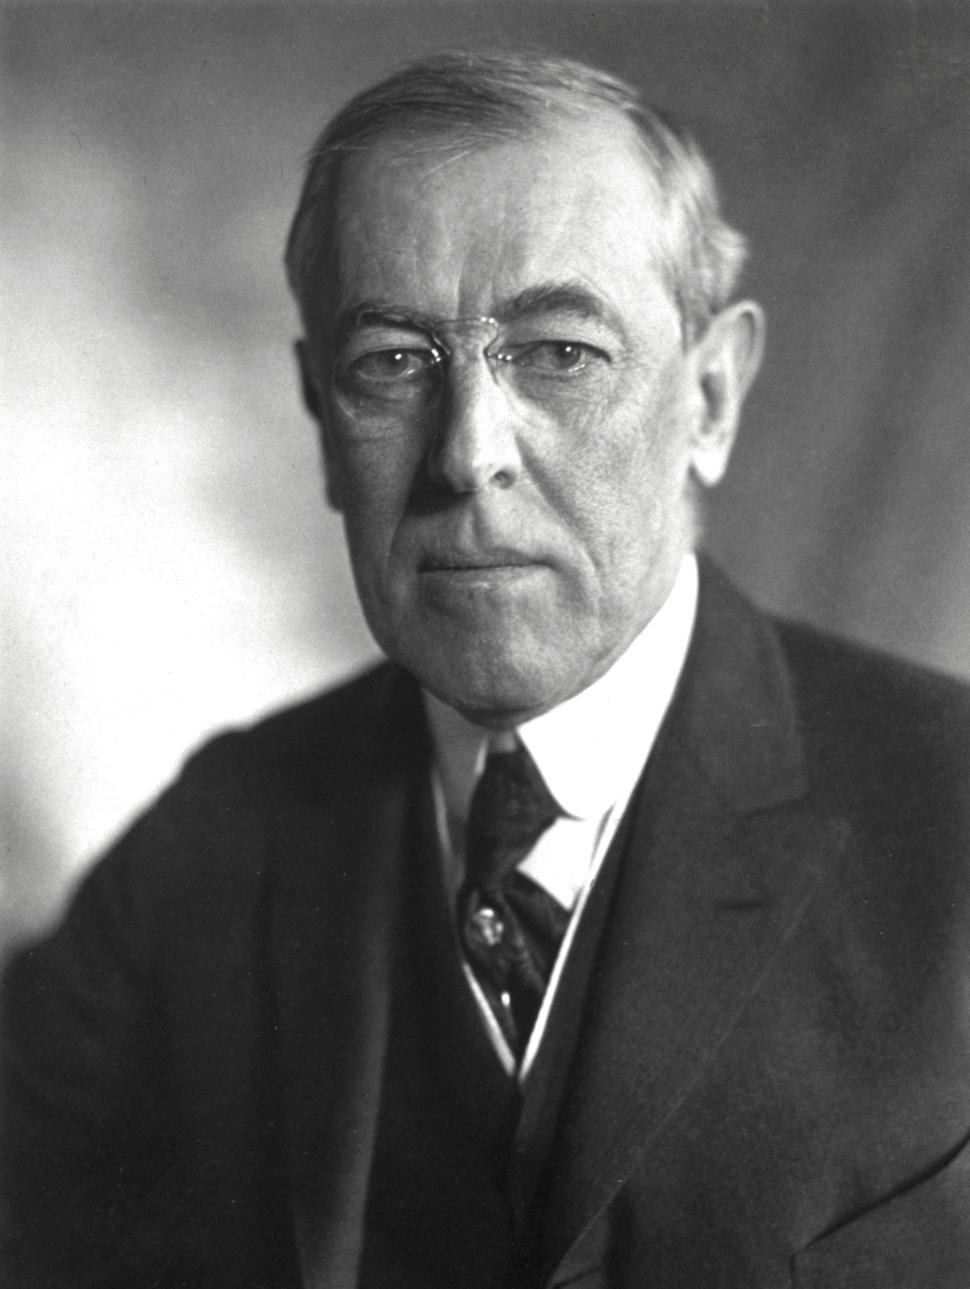 President Wilson 1919-bw